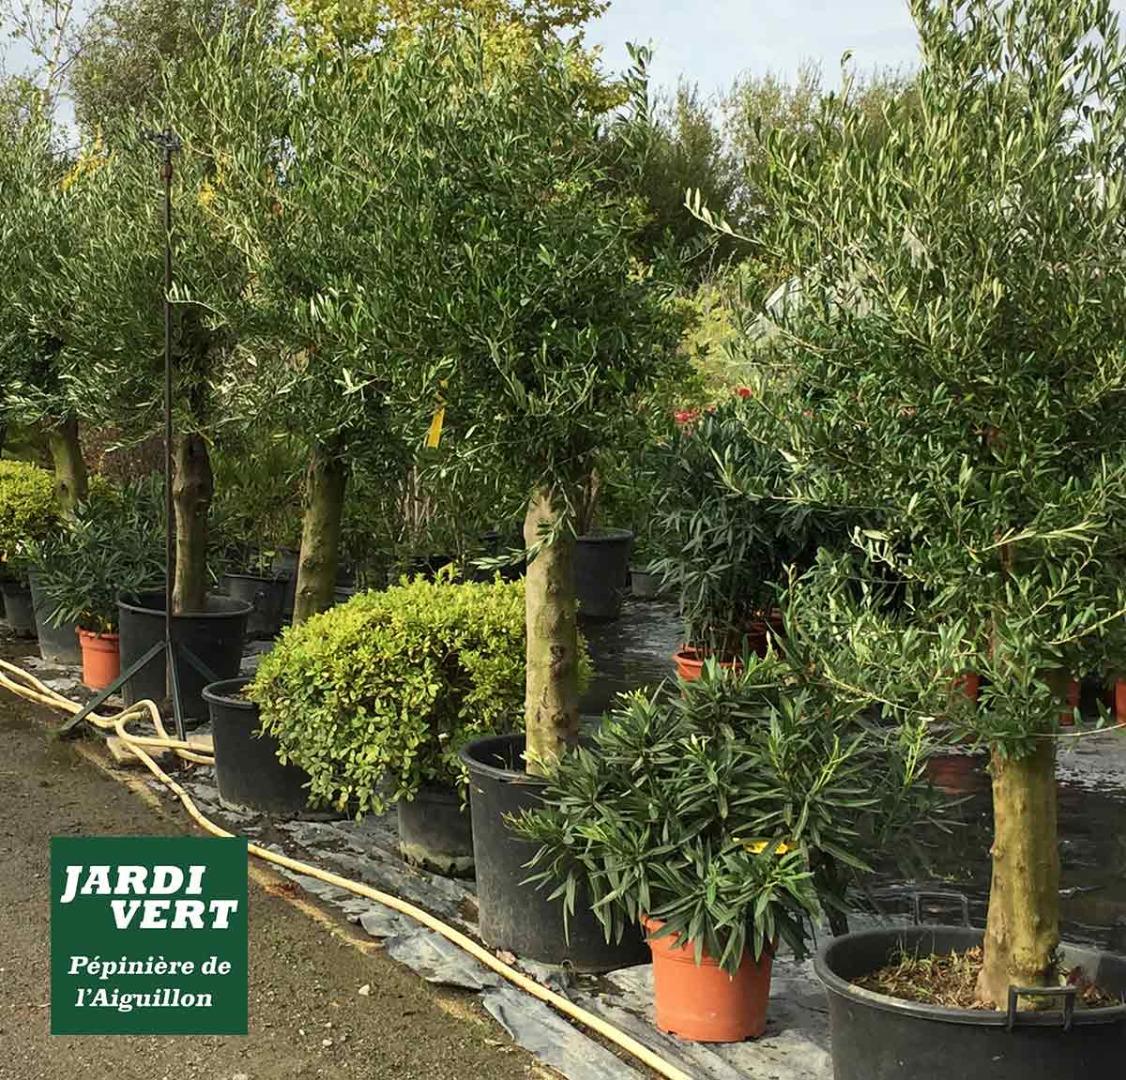 Vente d'oliviers à petits prix - Pépinière de l'Aiguillon Haute-Garonne Gers Ariège